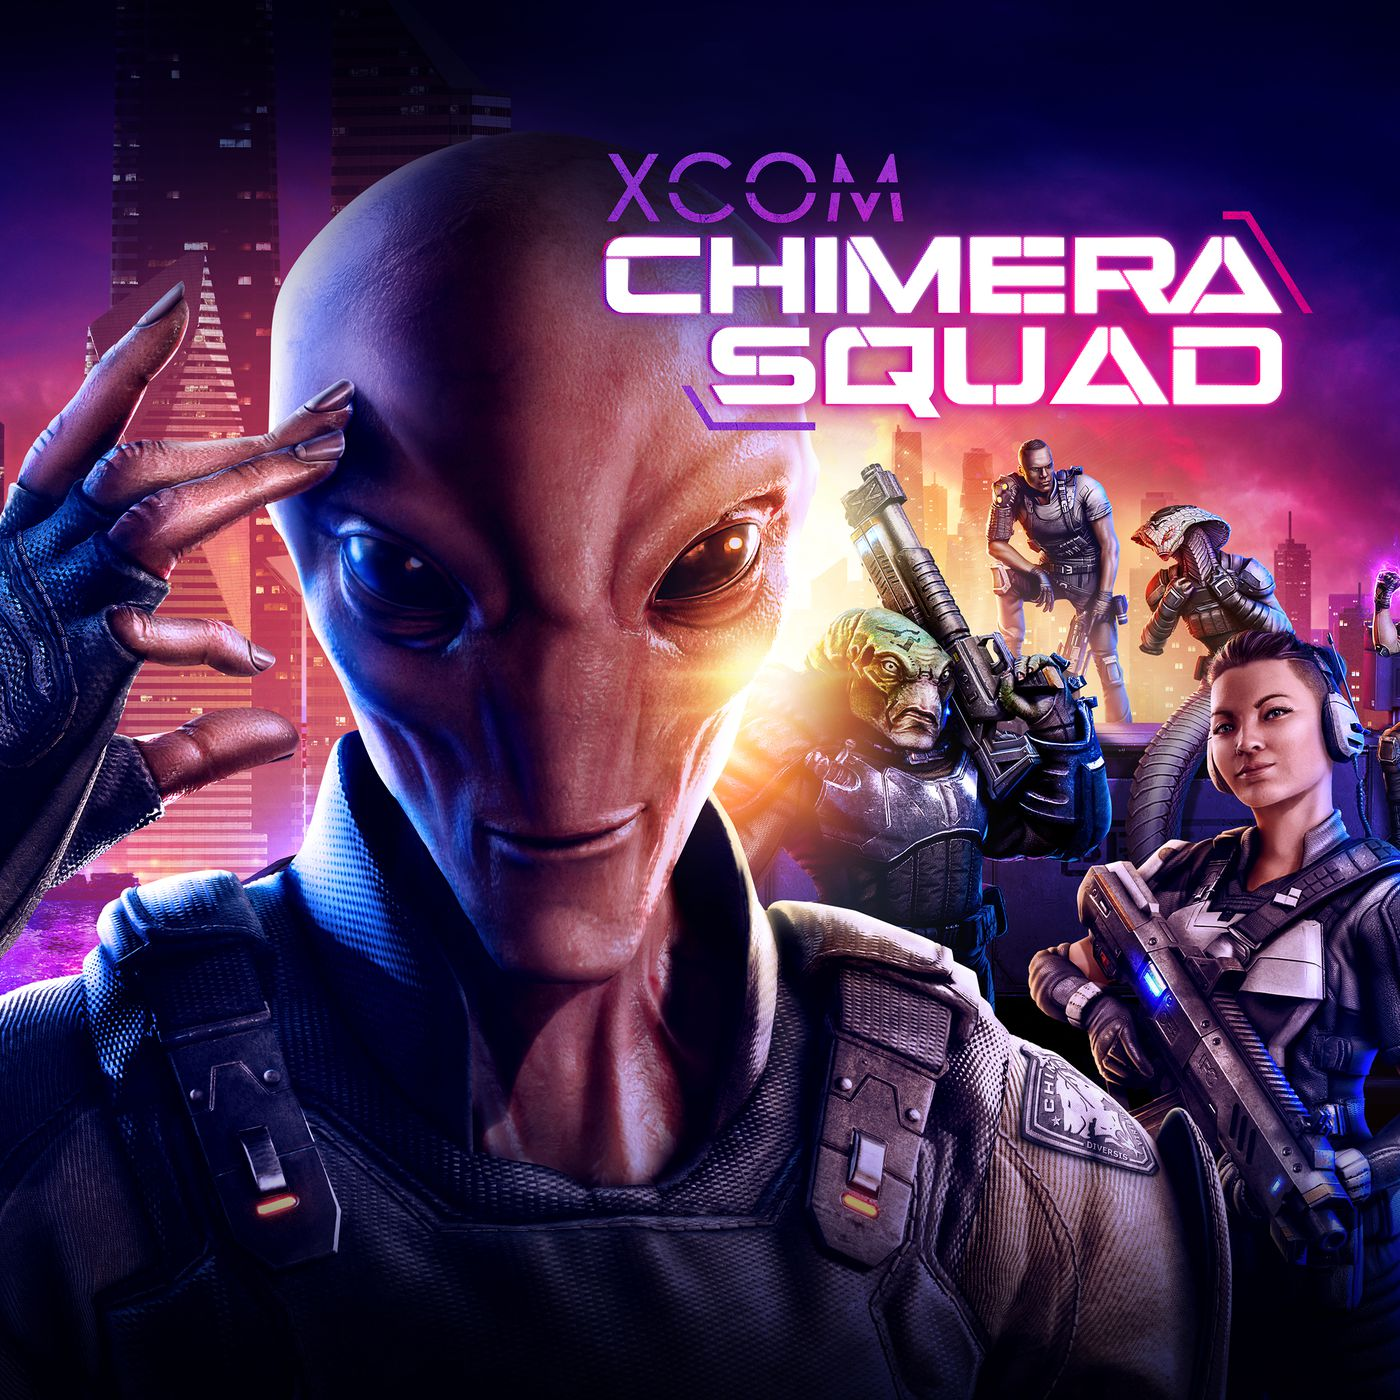 Xcom Chimera Squad Is A New Turn